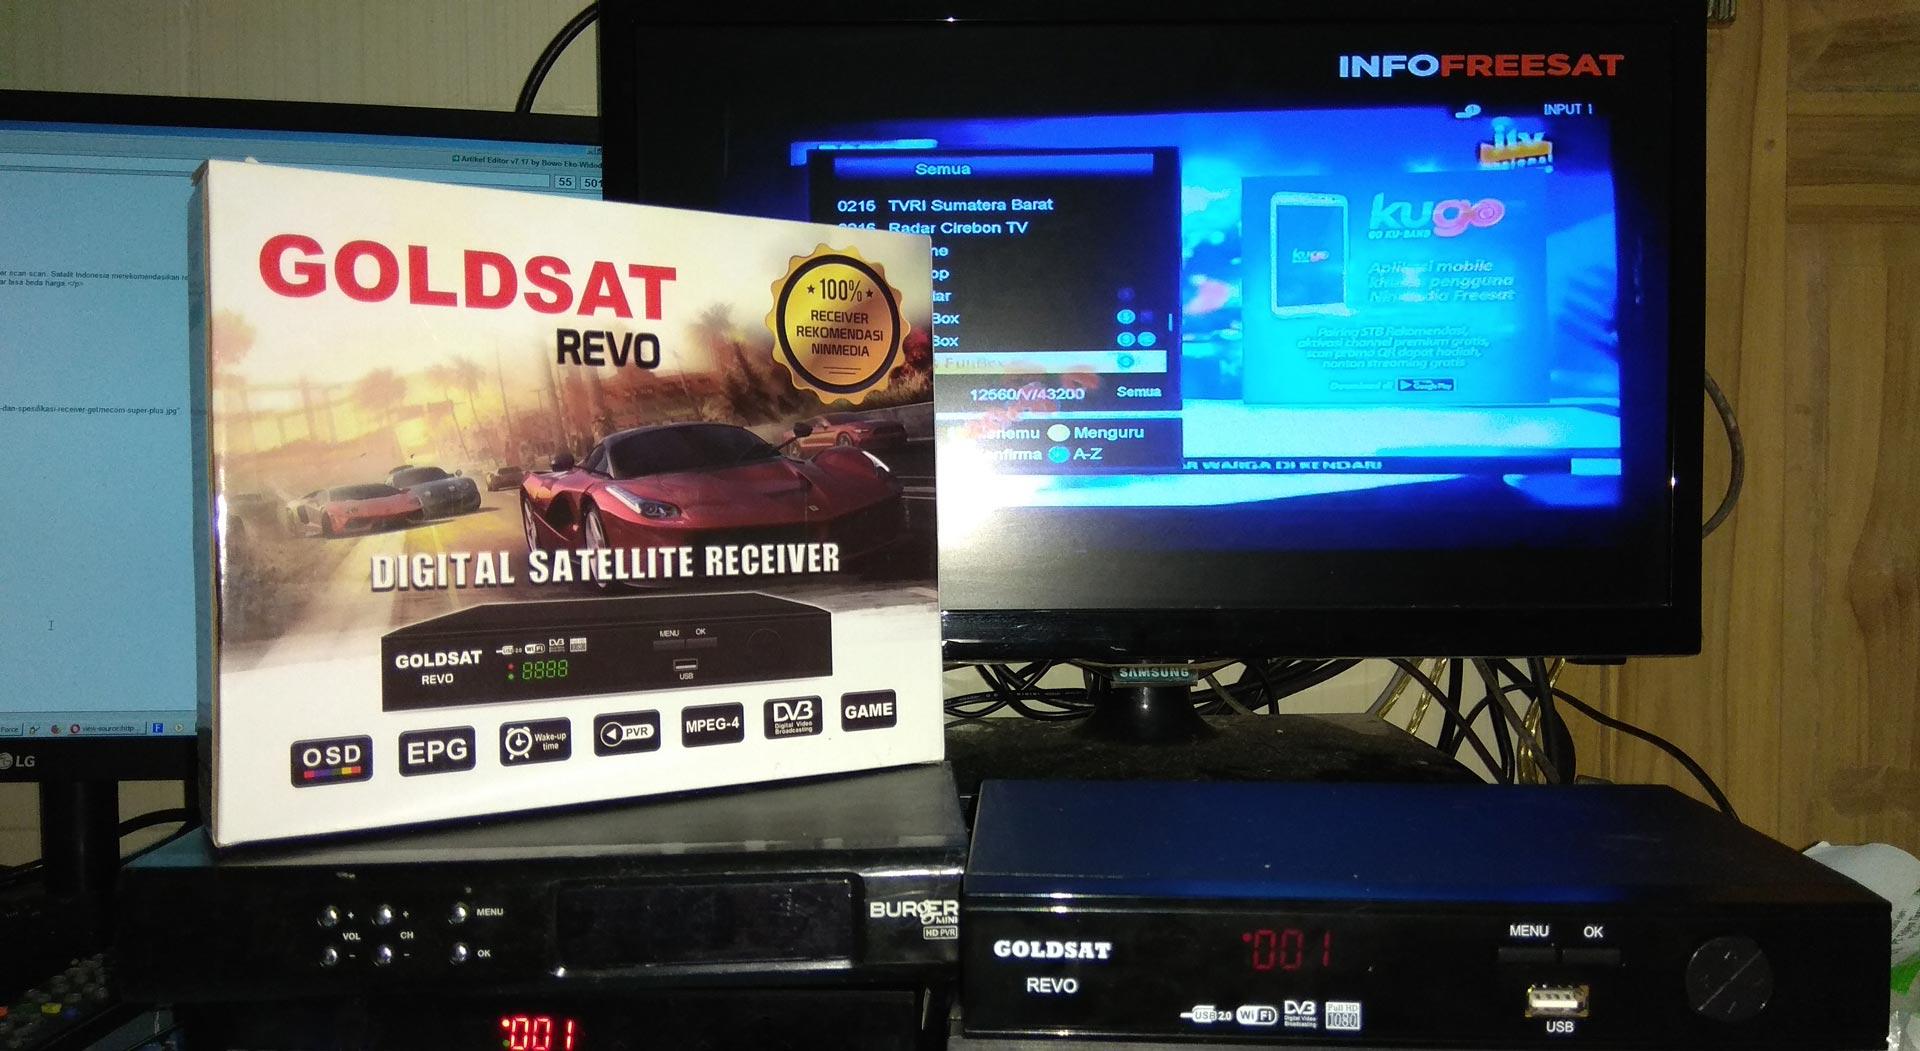 Harga Spesifikasi Goldsat Revo Receiver Khusus Ninmedia